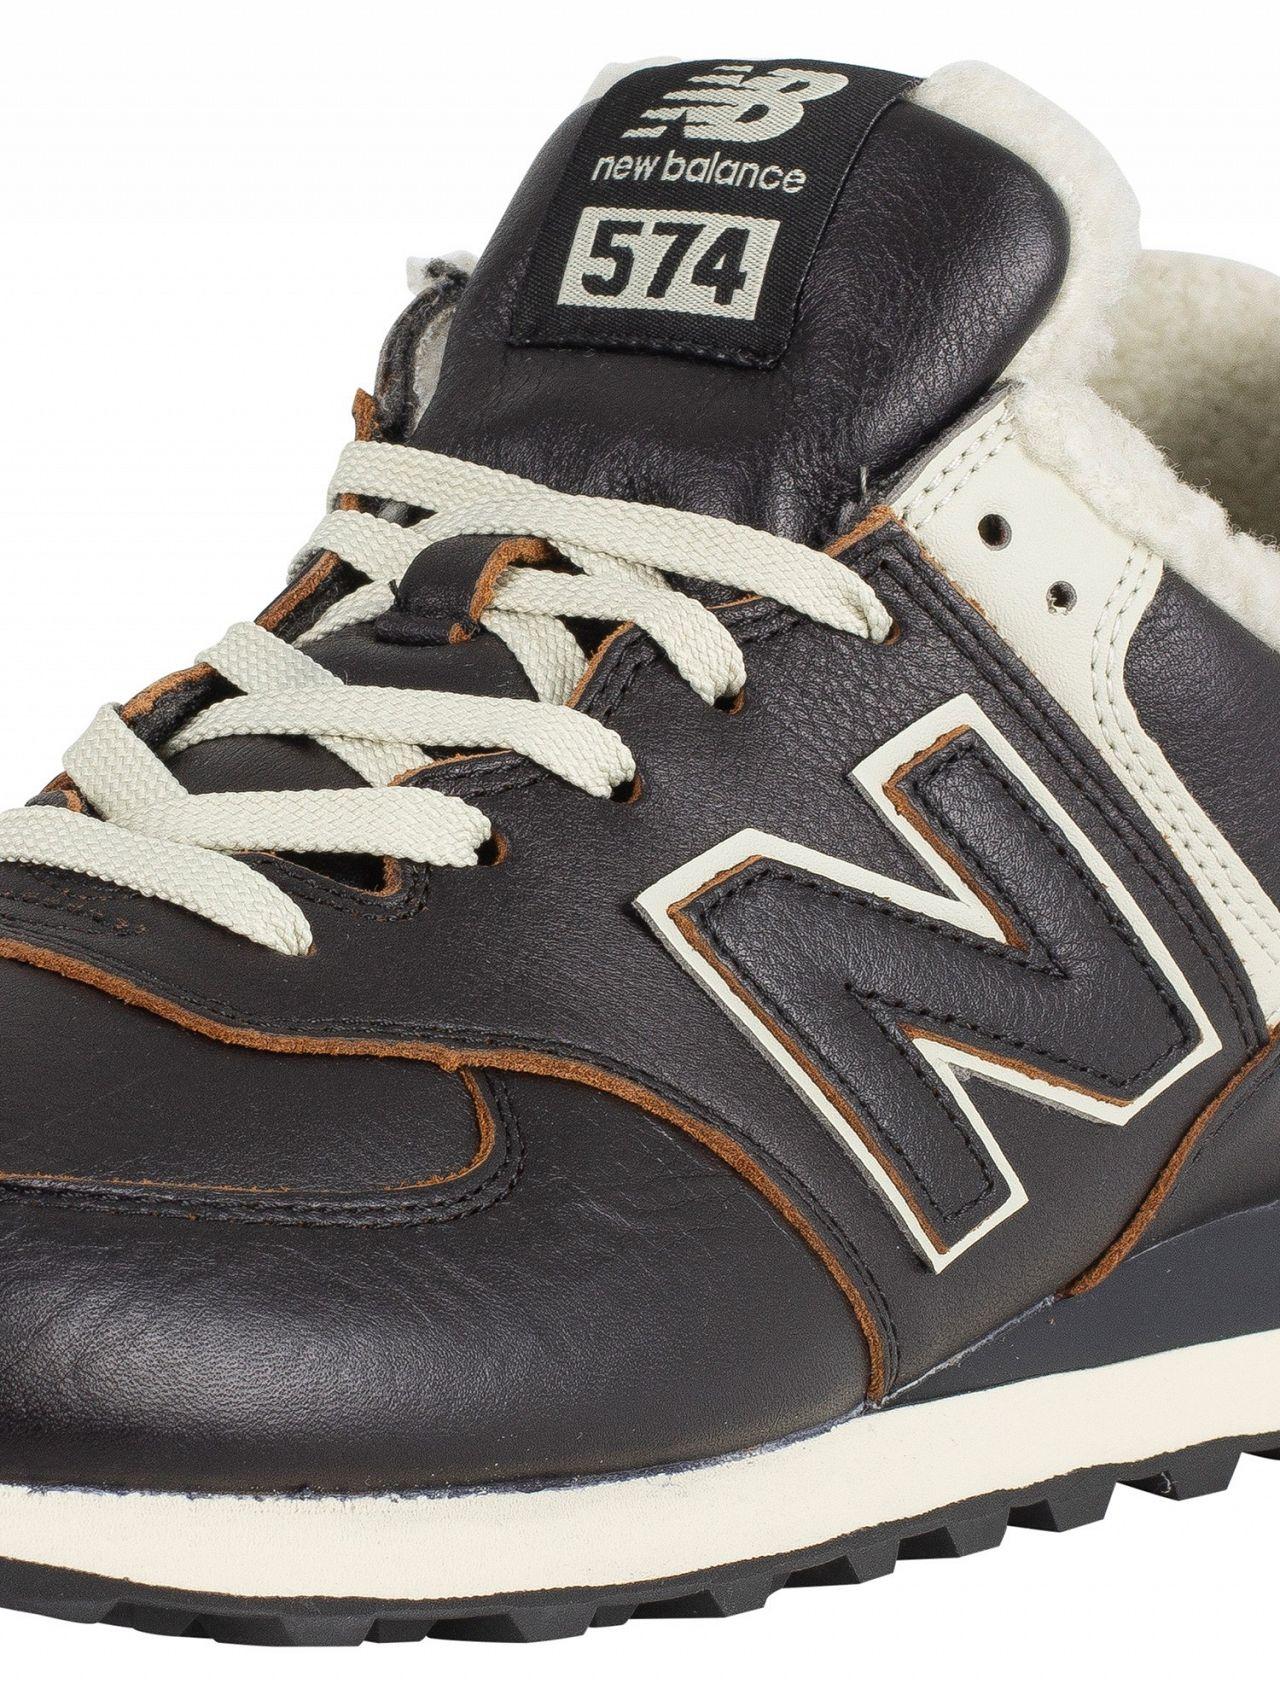 e88a3e602f8 New Balance Black/White Munsell 574 Leather Sherpa Trainers